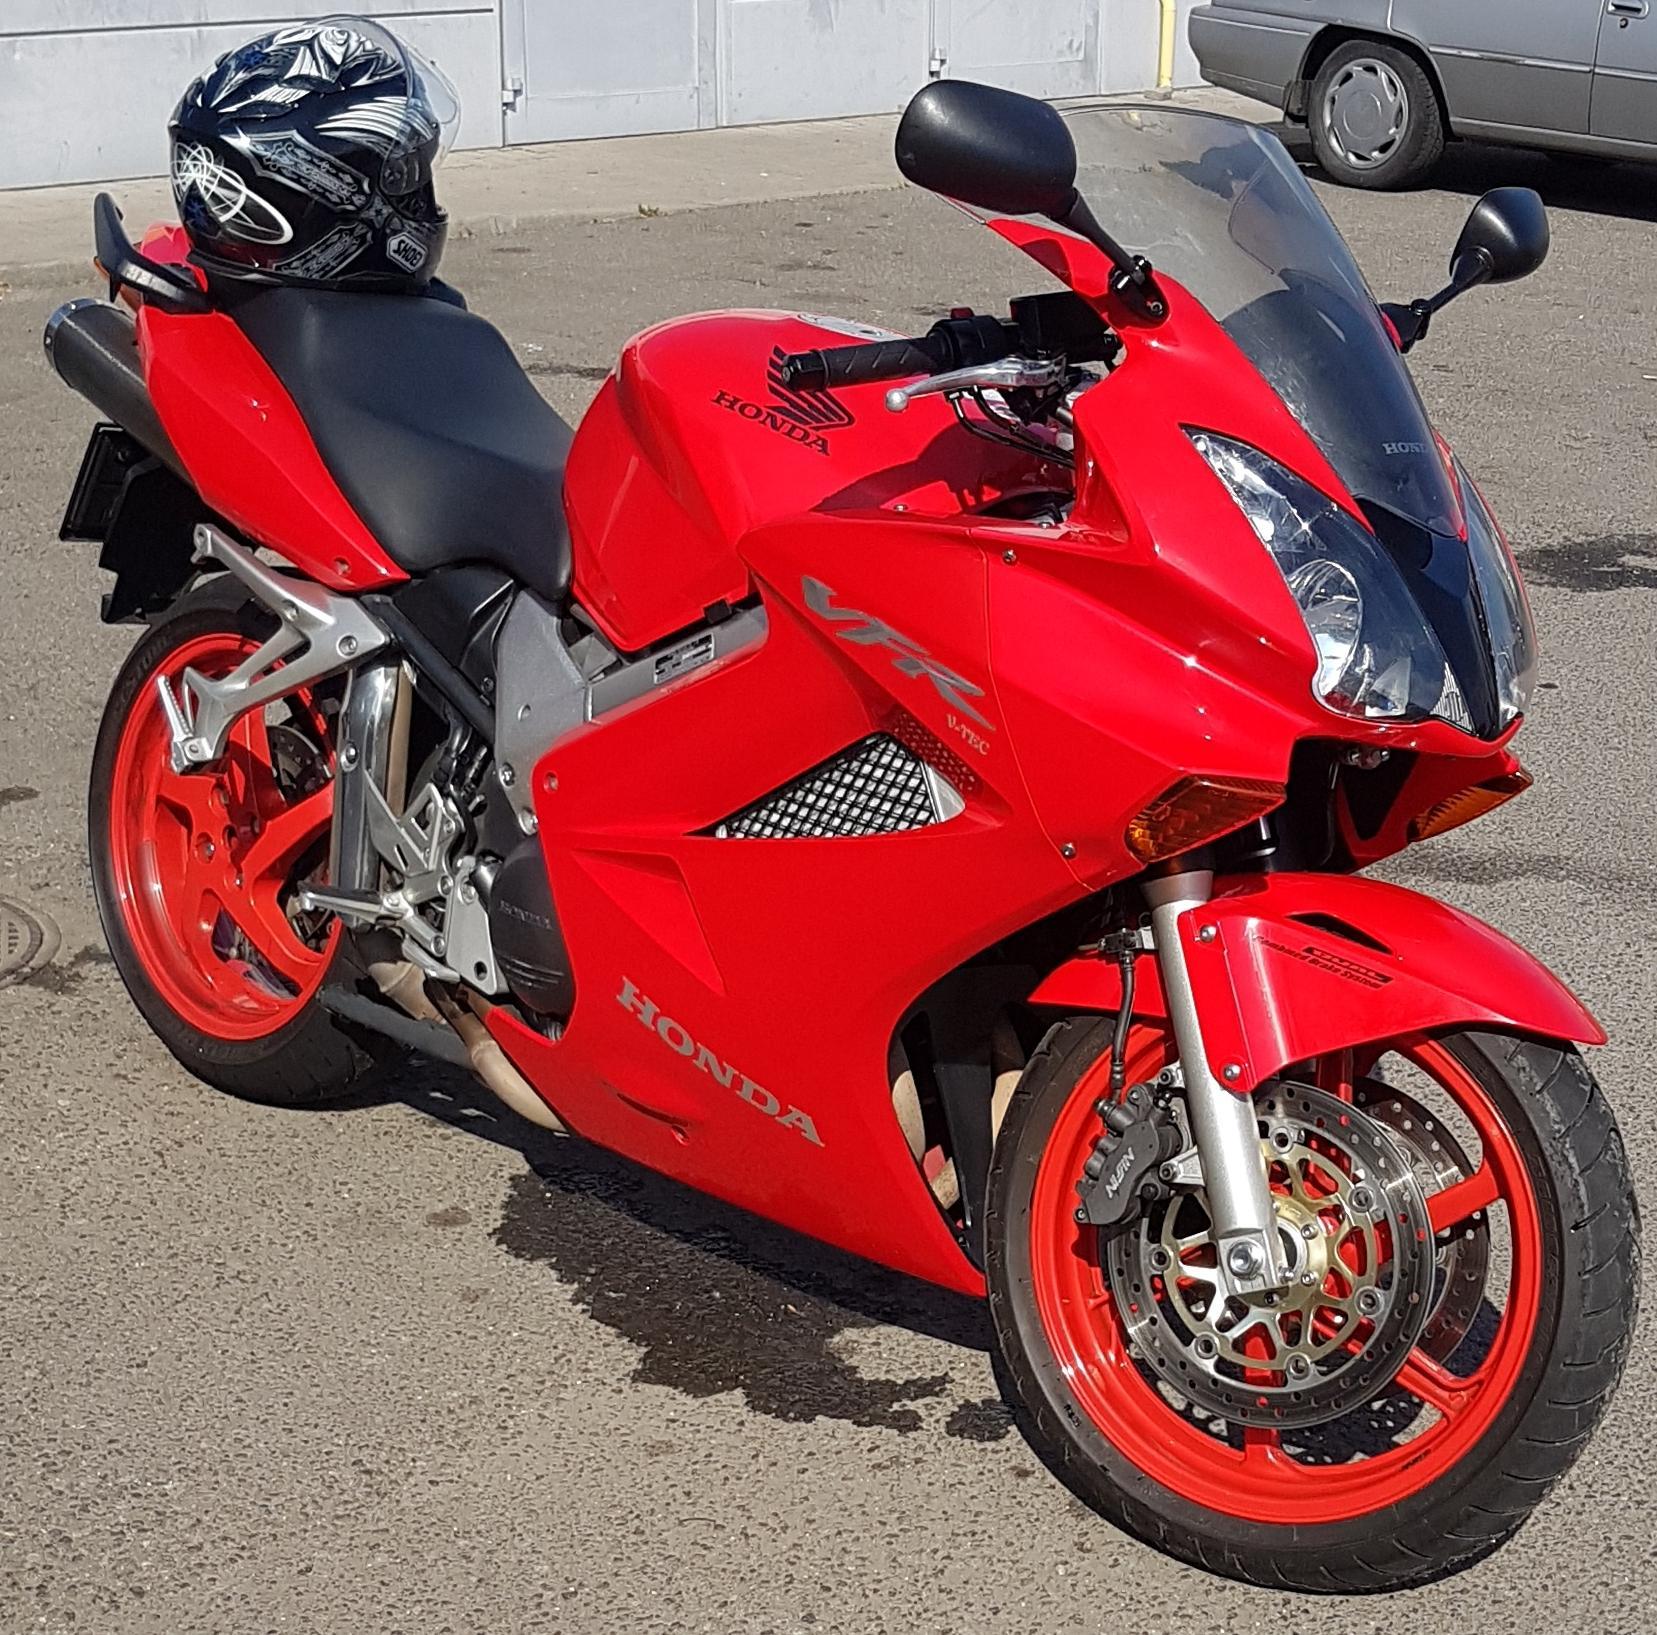 Yamaha XVS 400 DragStar | motoapro.hu - Apróhirdetés